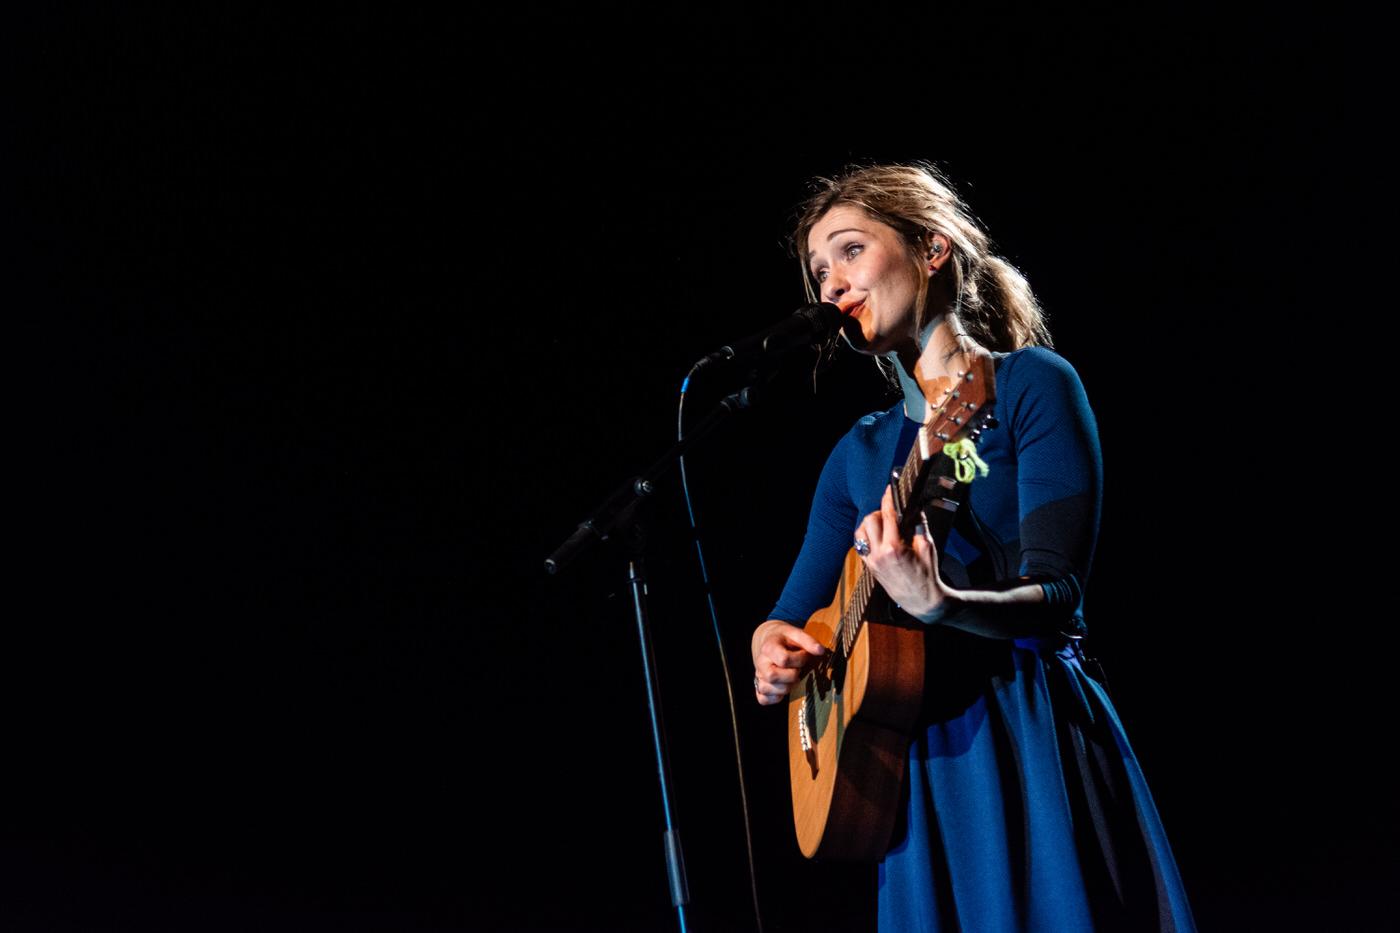 Giedre en concert au théâtre du Chemin Vert